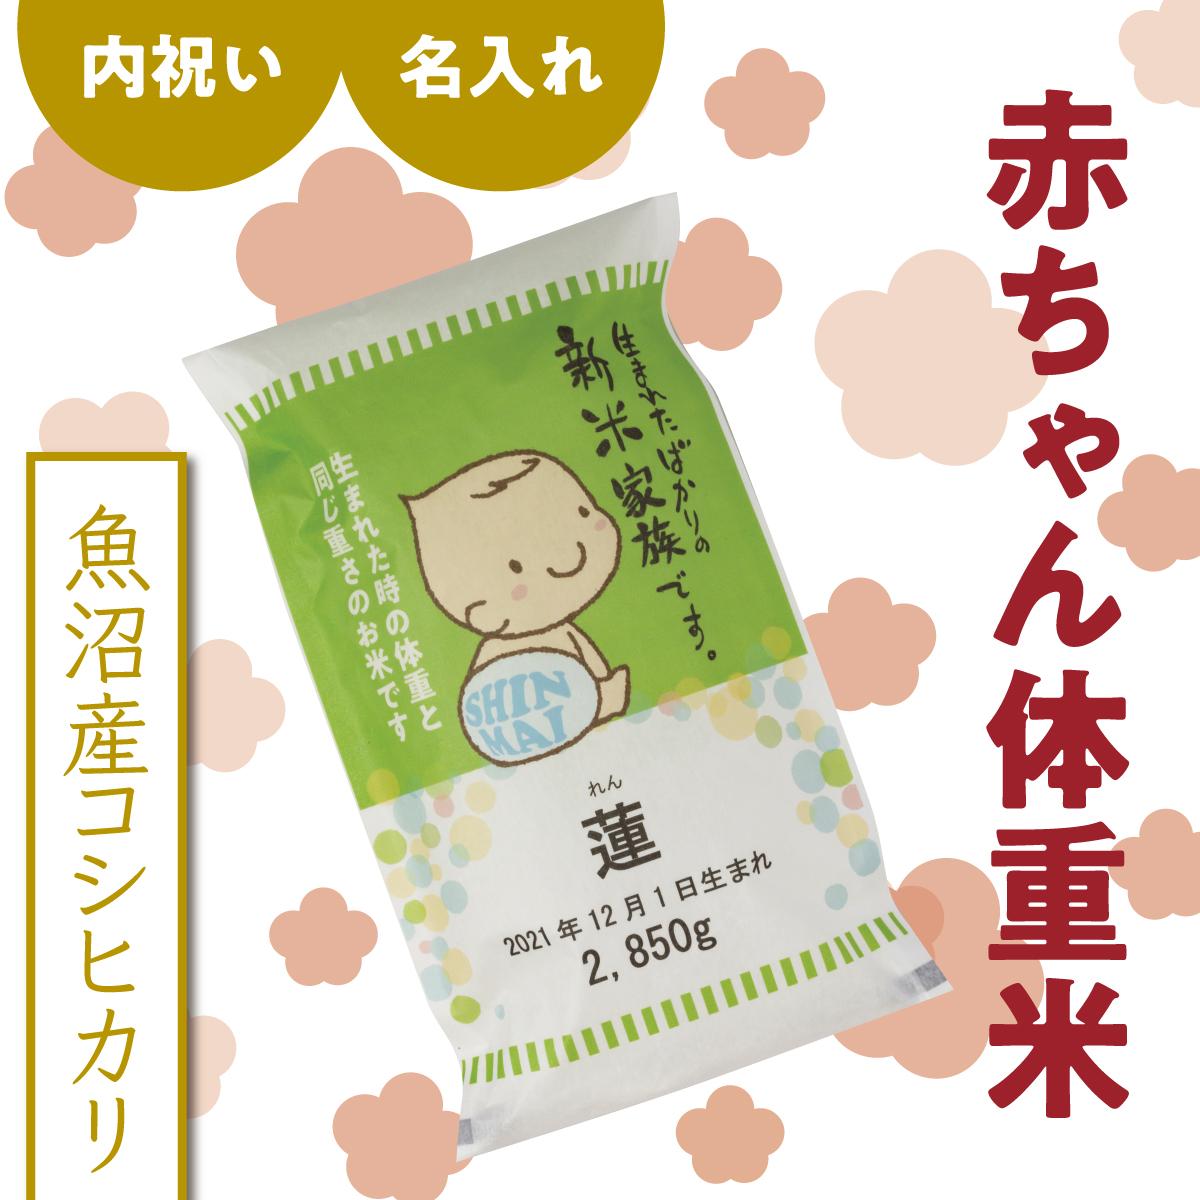 赤ちゃん体重米(イラスト)